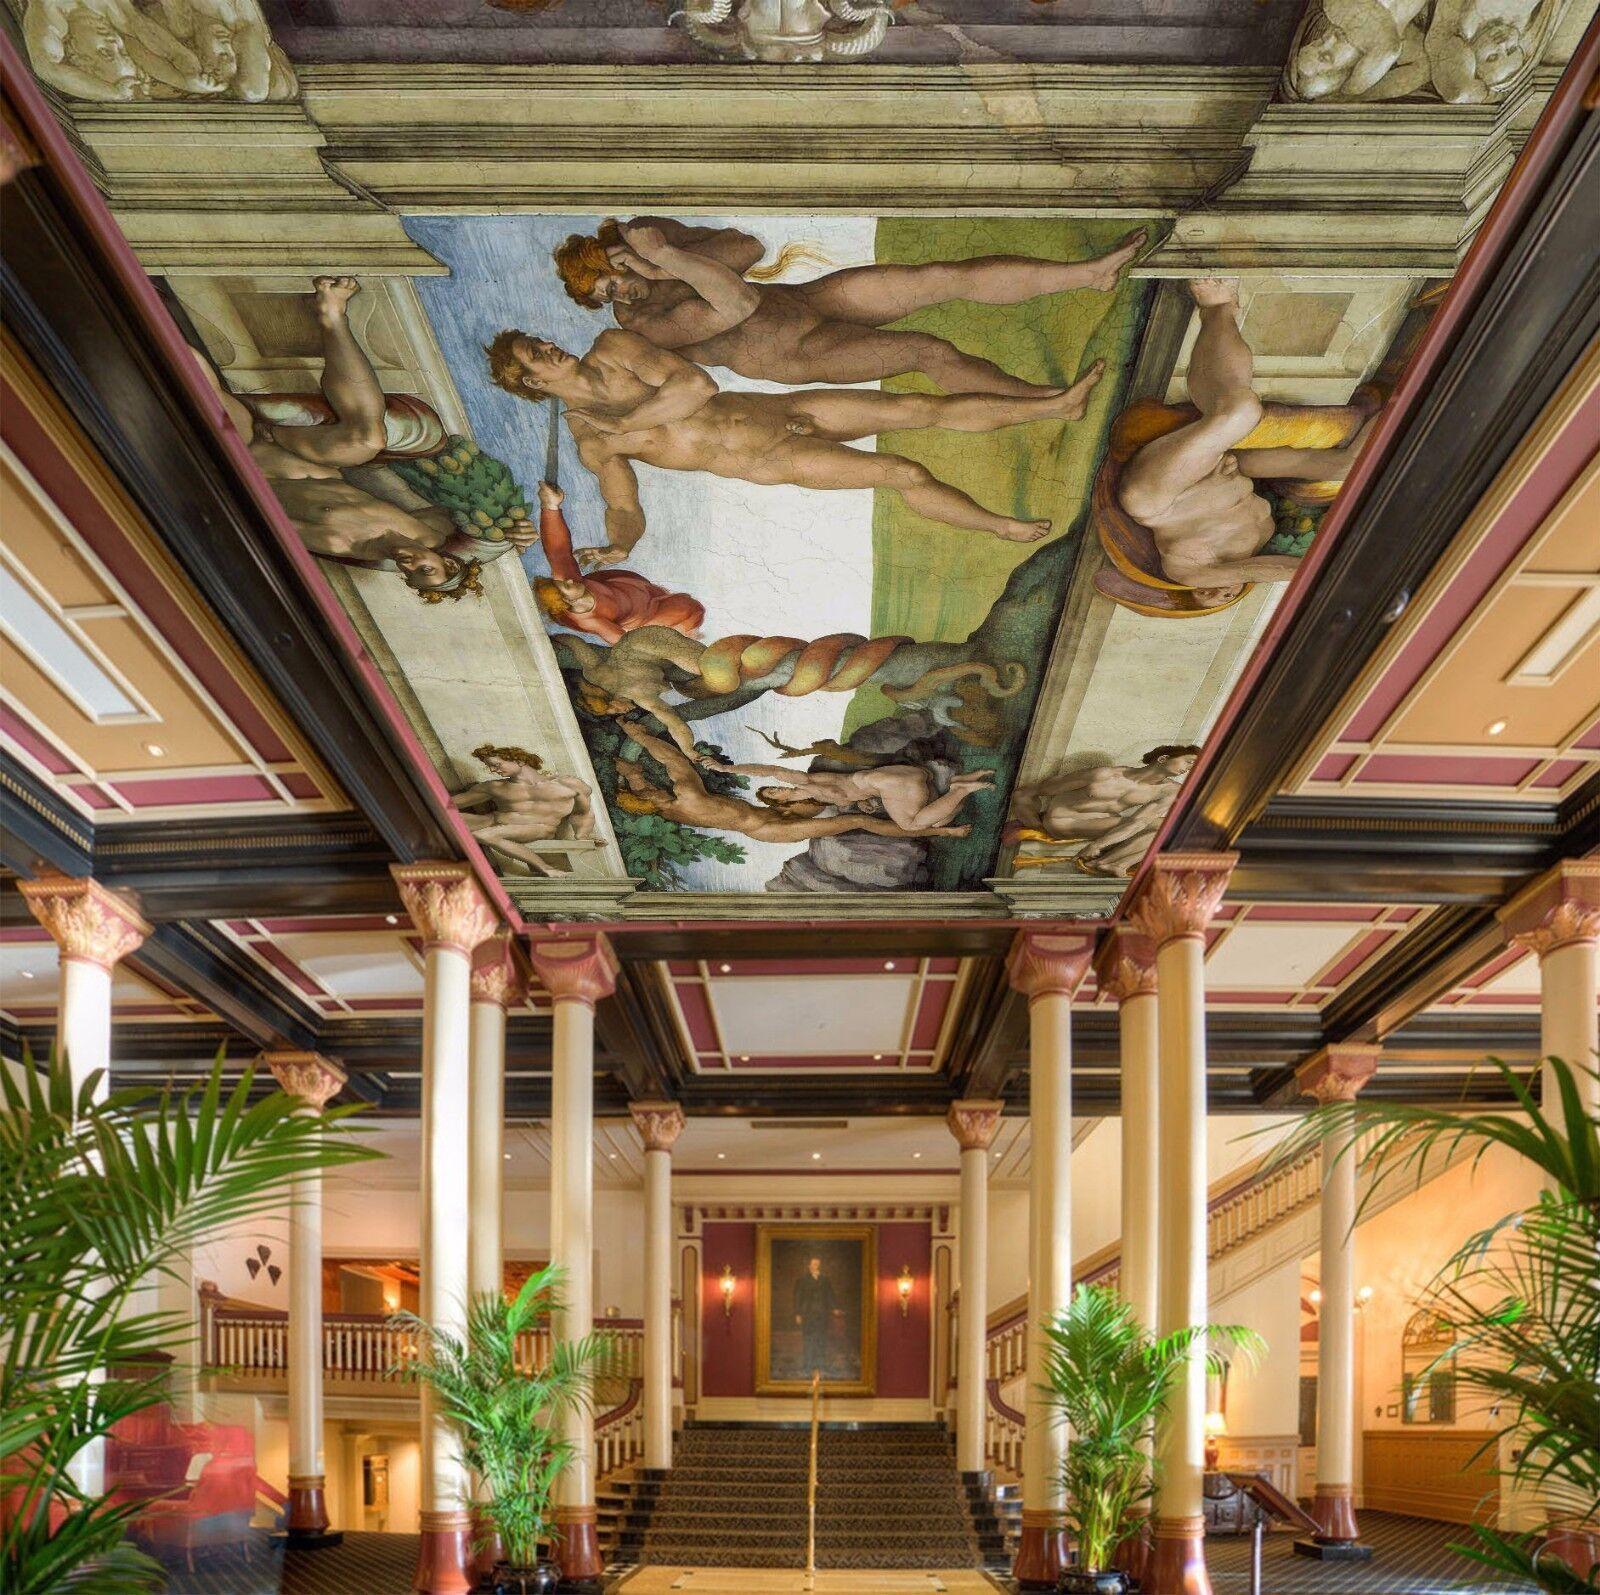 3D Michelangelo Malerei 45 Fototapeten Wandbild Fototapete BildTapete DE Kyra